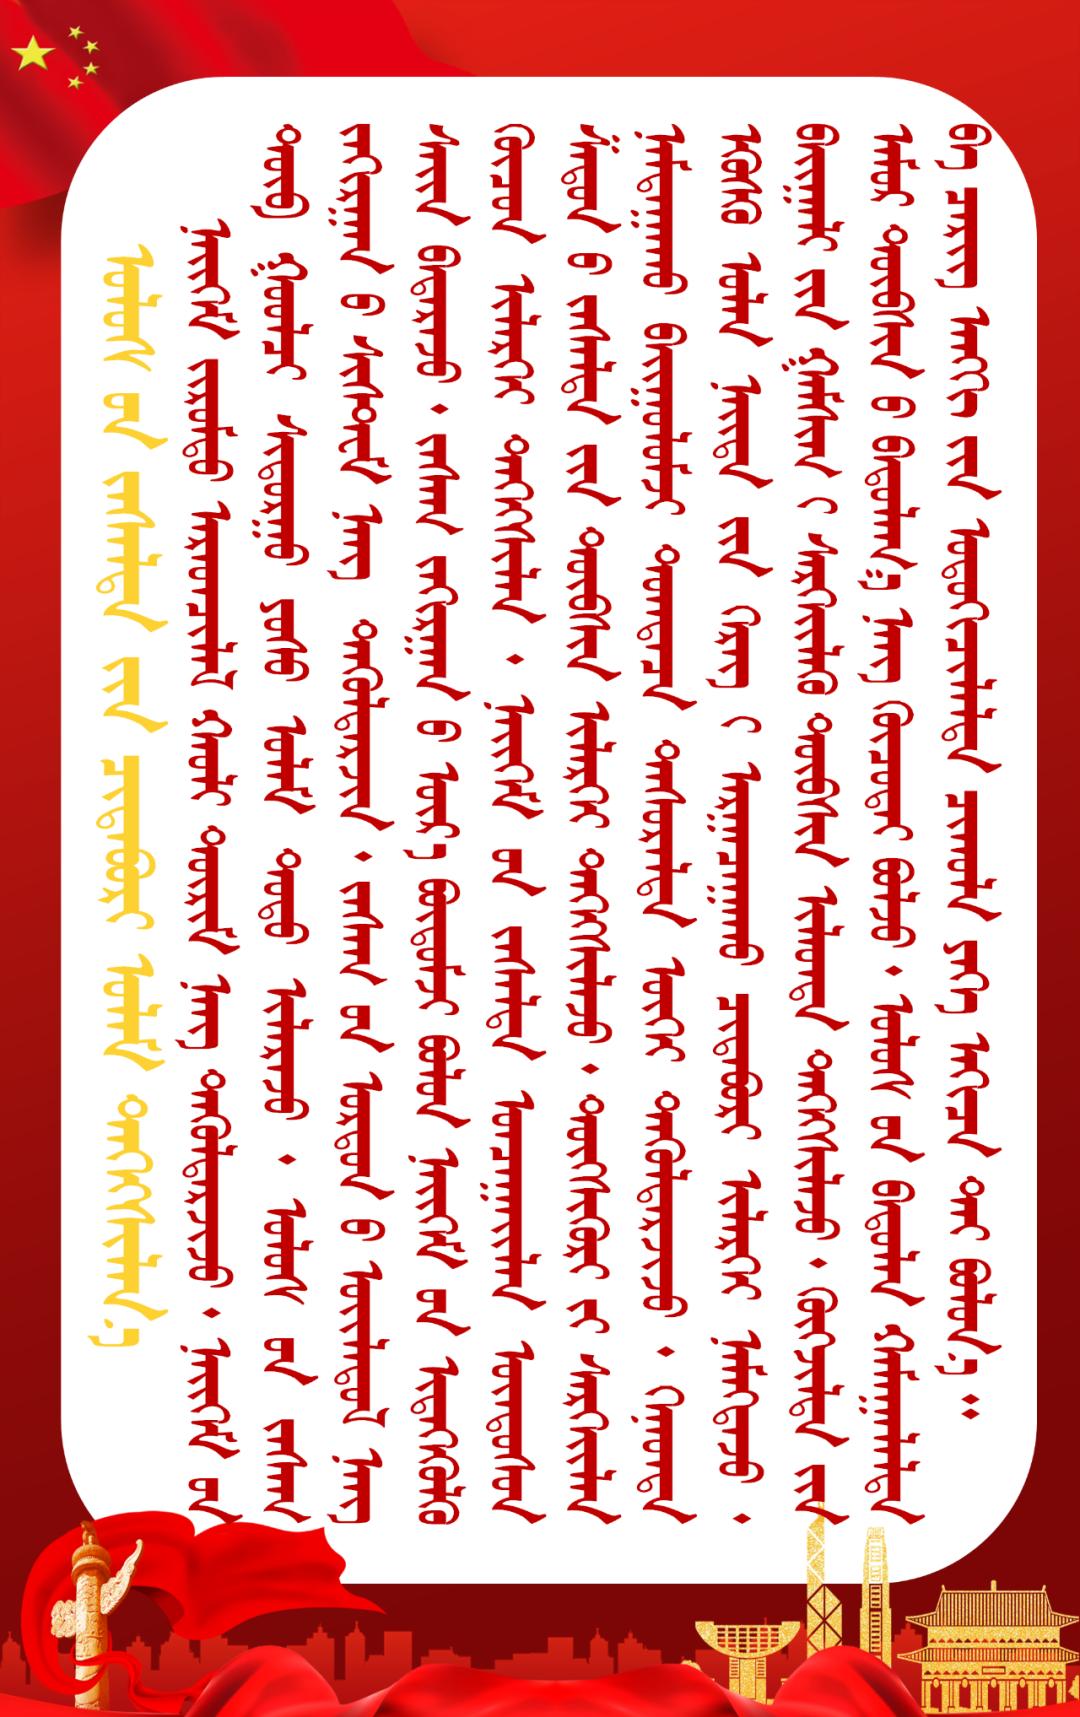 """""""十四五""""时期经济社会发展主要目标 第7张 """"十四五""""时期经济社会发展主要目标 蒙古文库"""